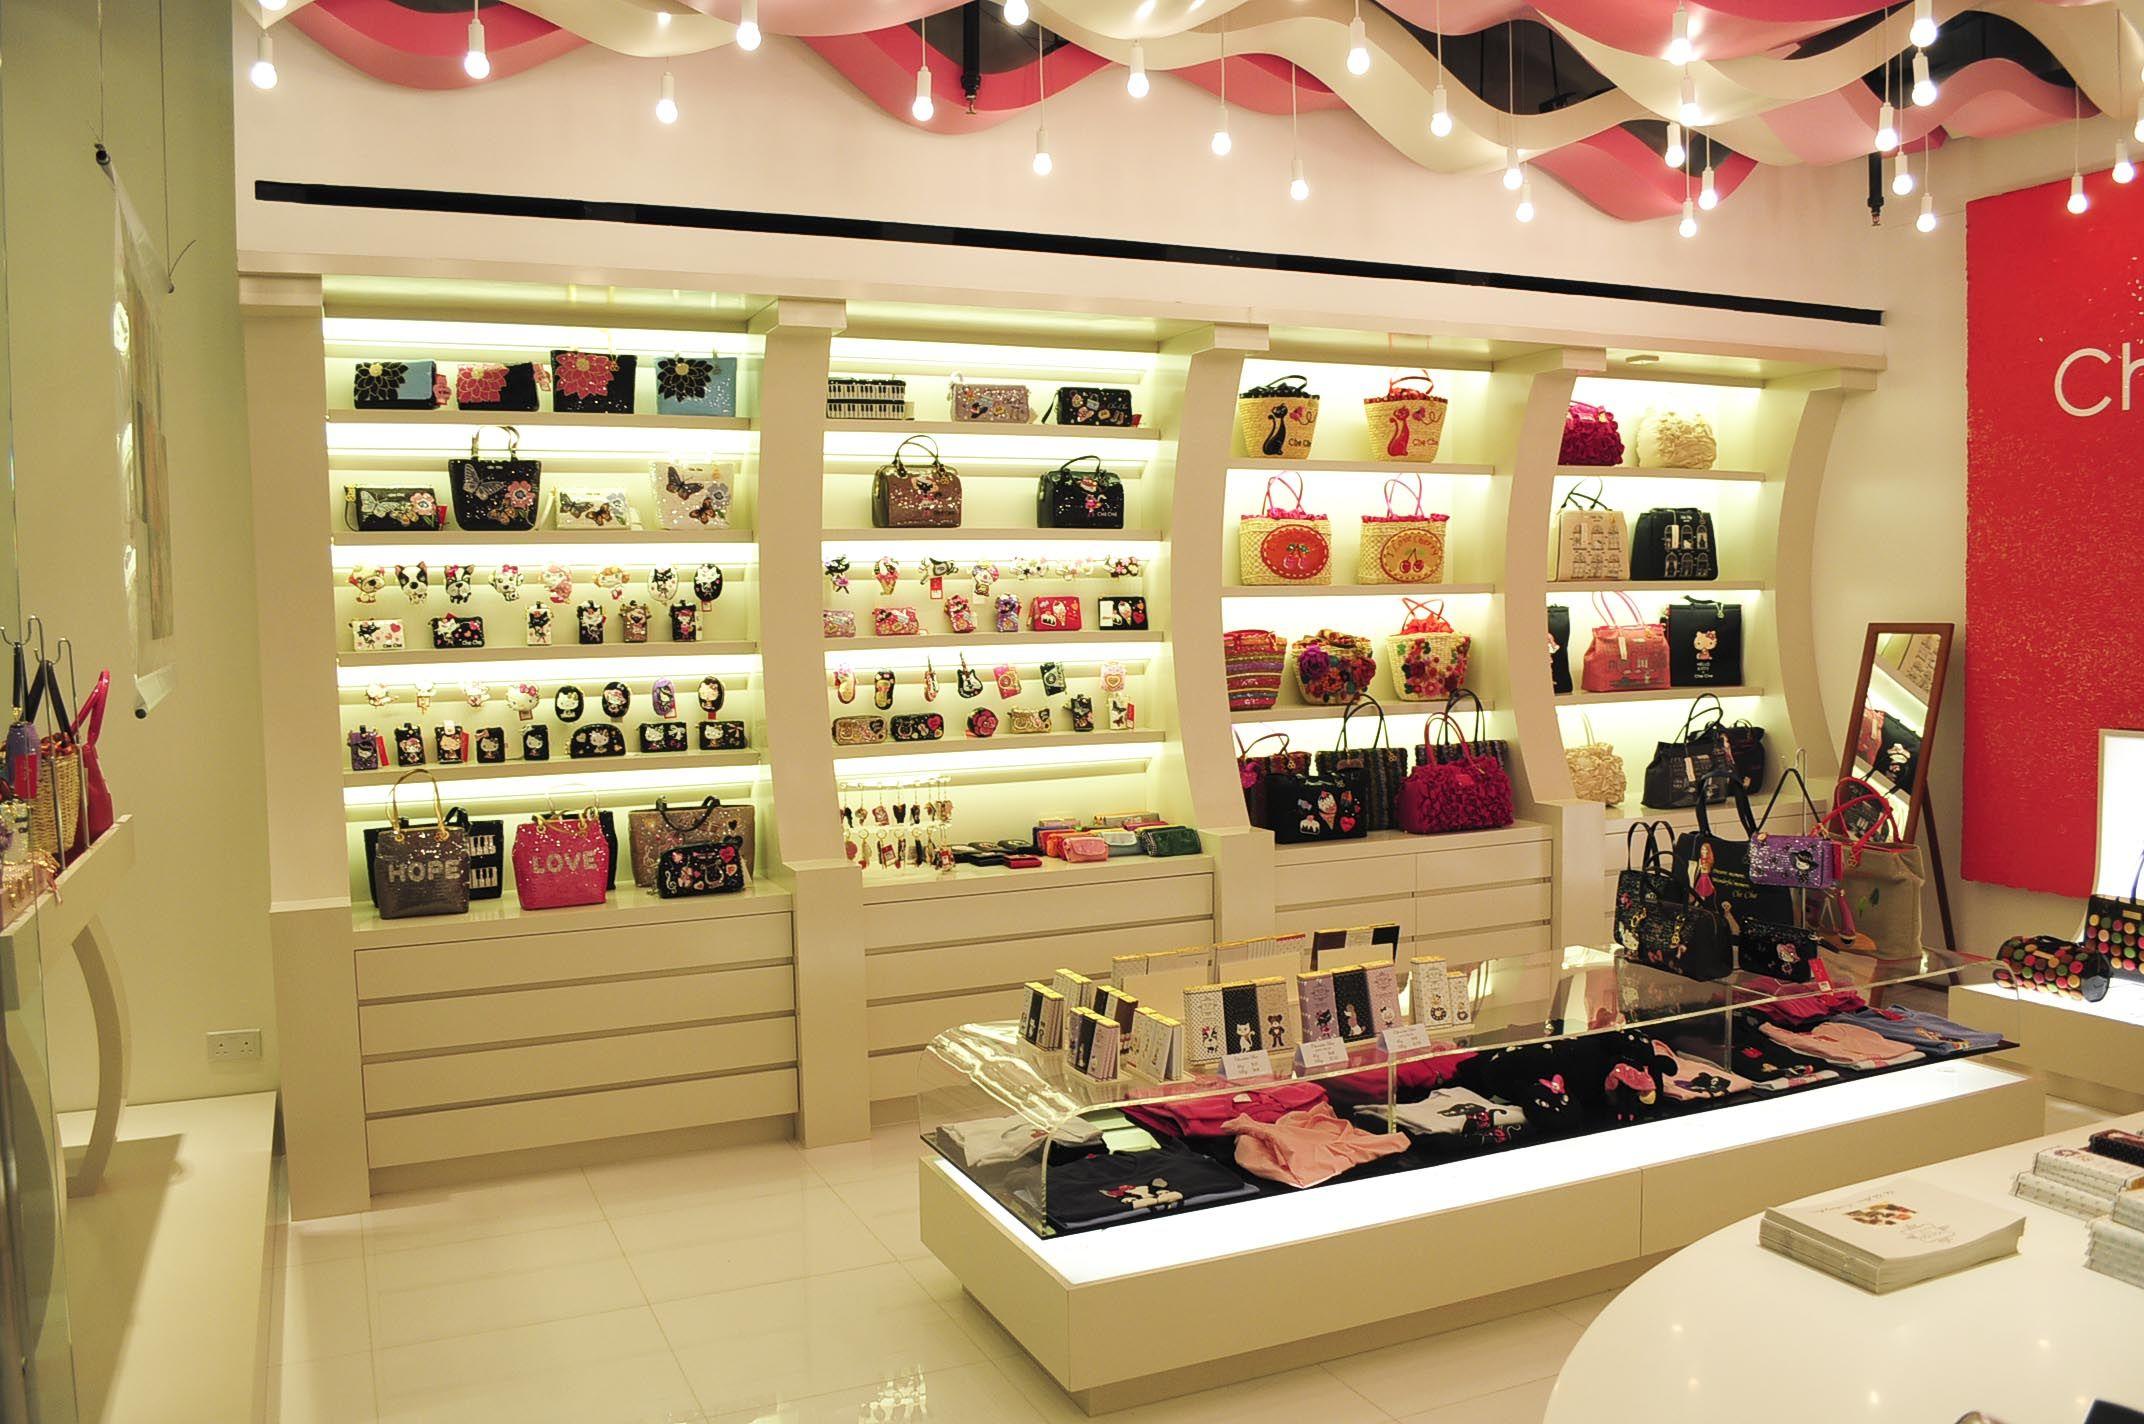 trang trí cửa hàng phụ kiện thời trang hải phòng